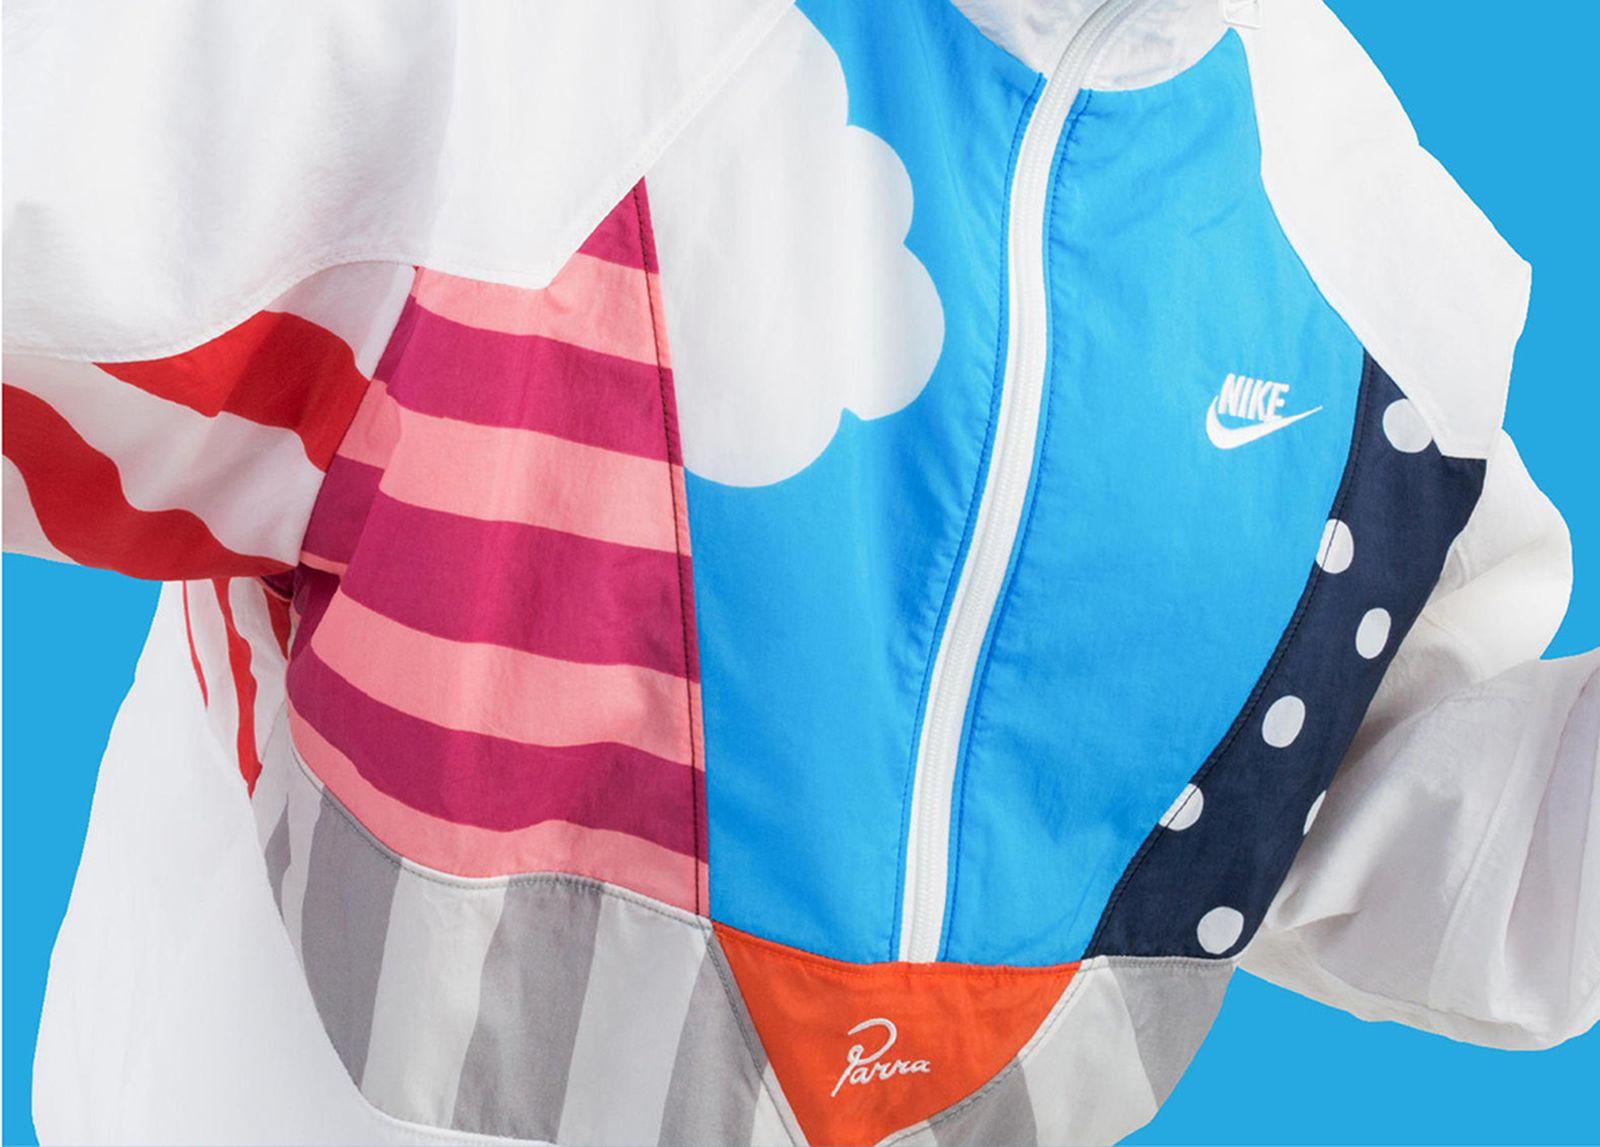 Parra Nike Tracksuit air max 1